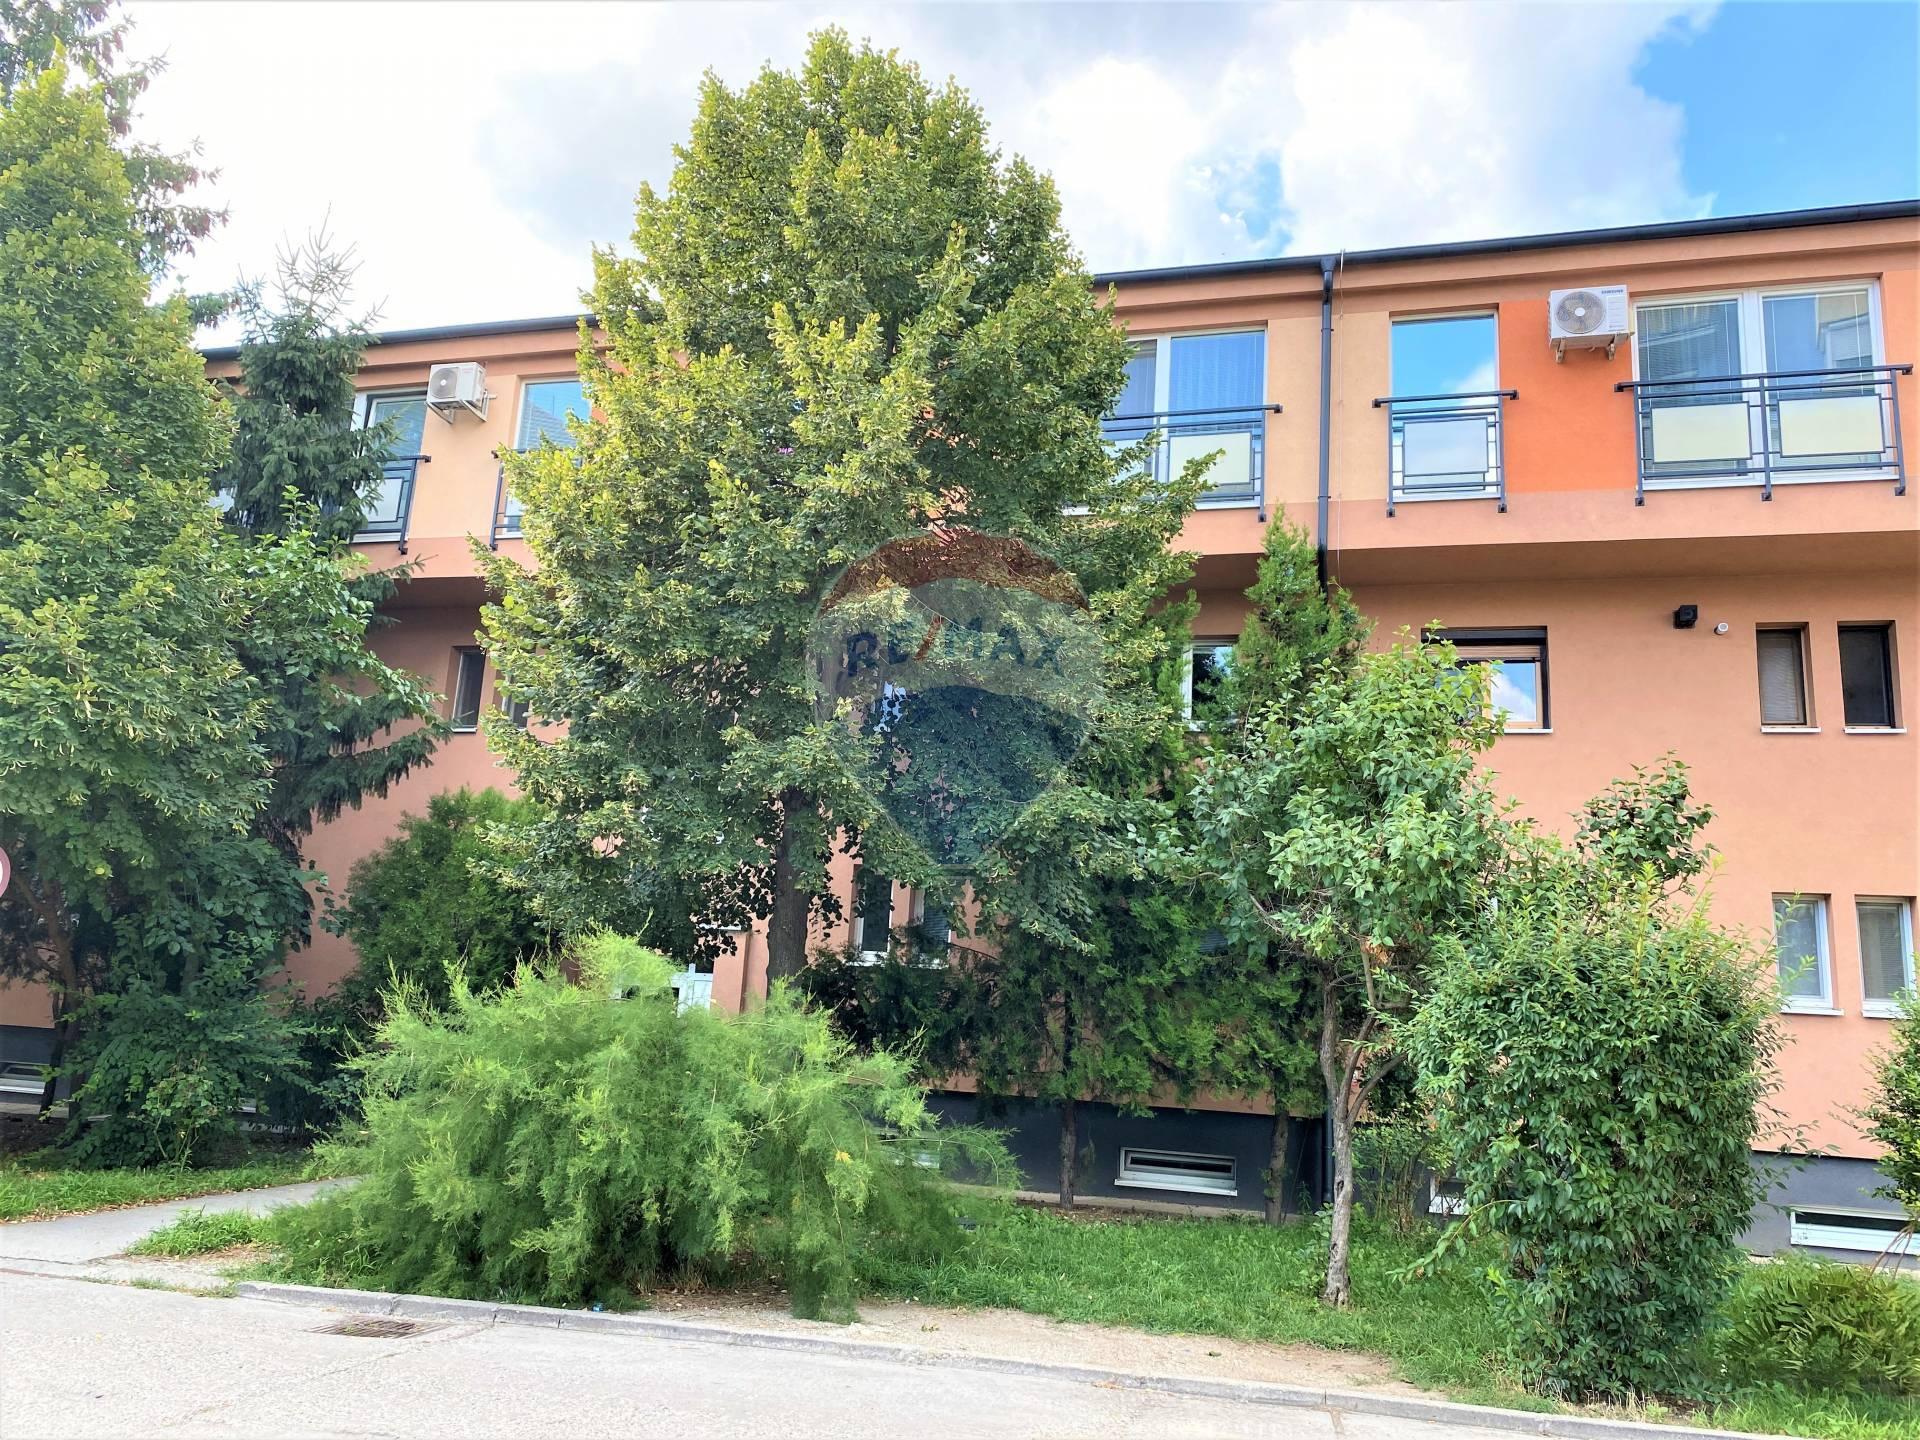 Predaj 2 izb. bytu, pôvodný stav, Turecká ul., Senec centrum